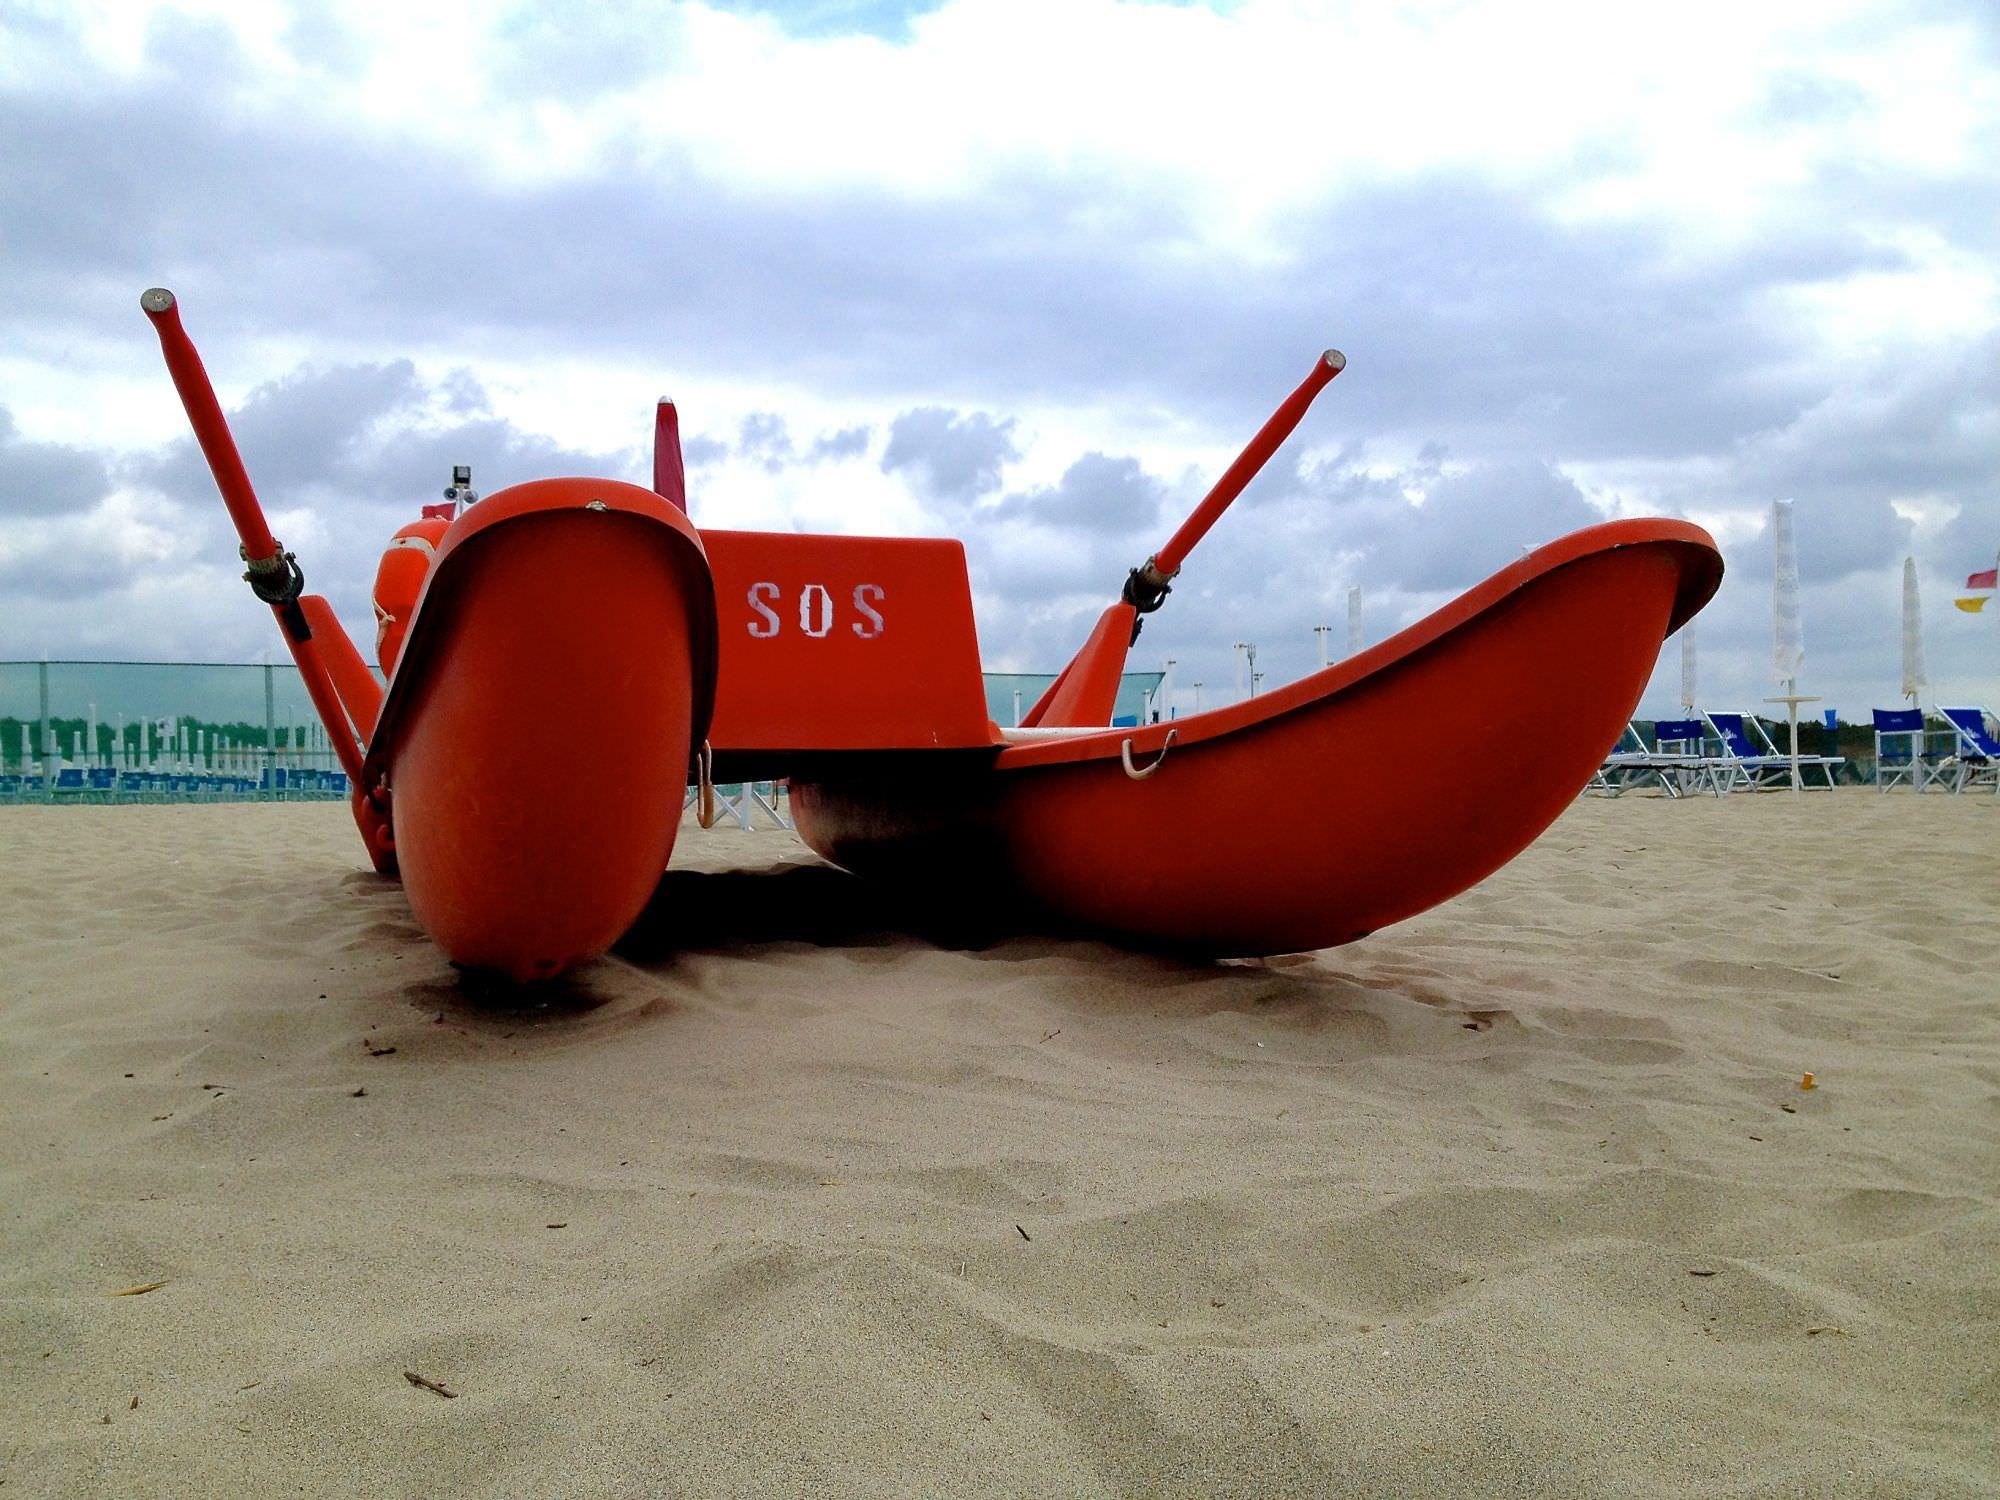 Risolta definitivamente la questione degli assistenti bagnanti alla spiaggia libera